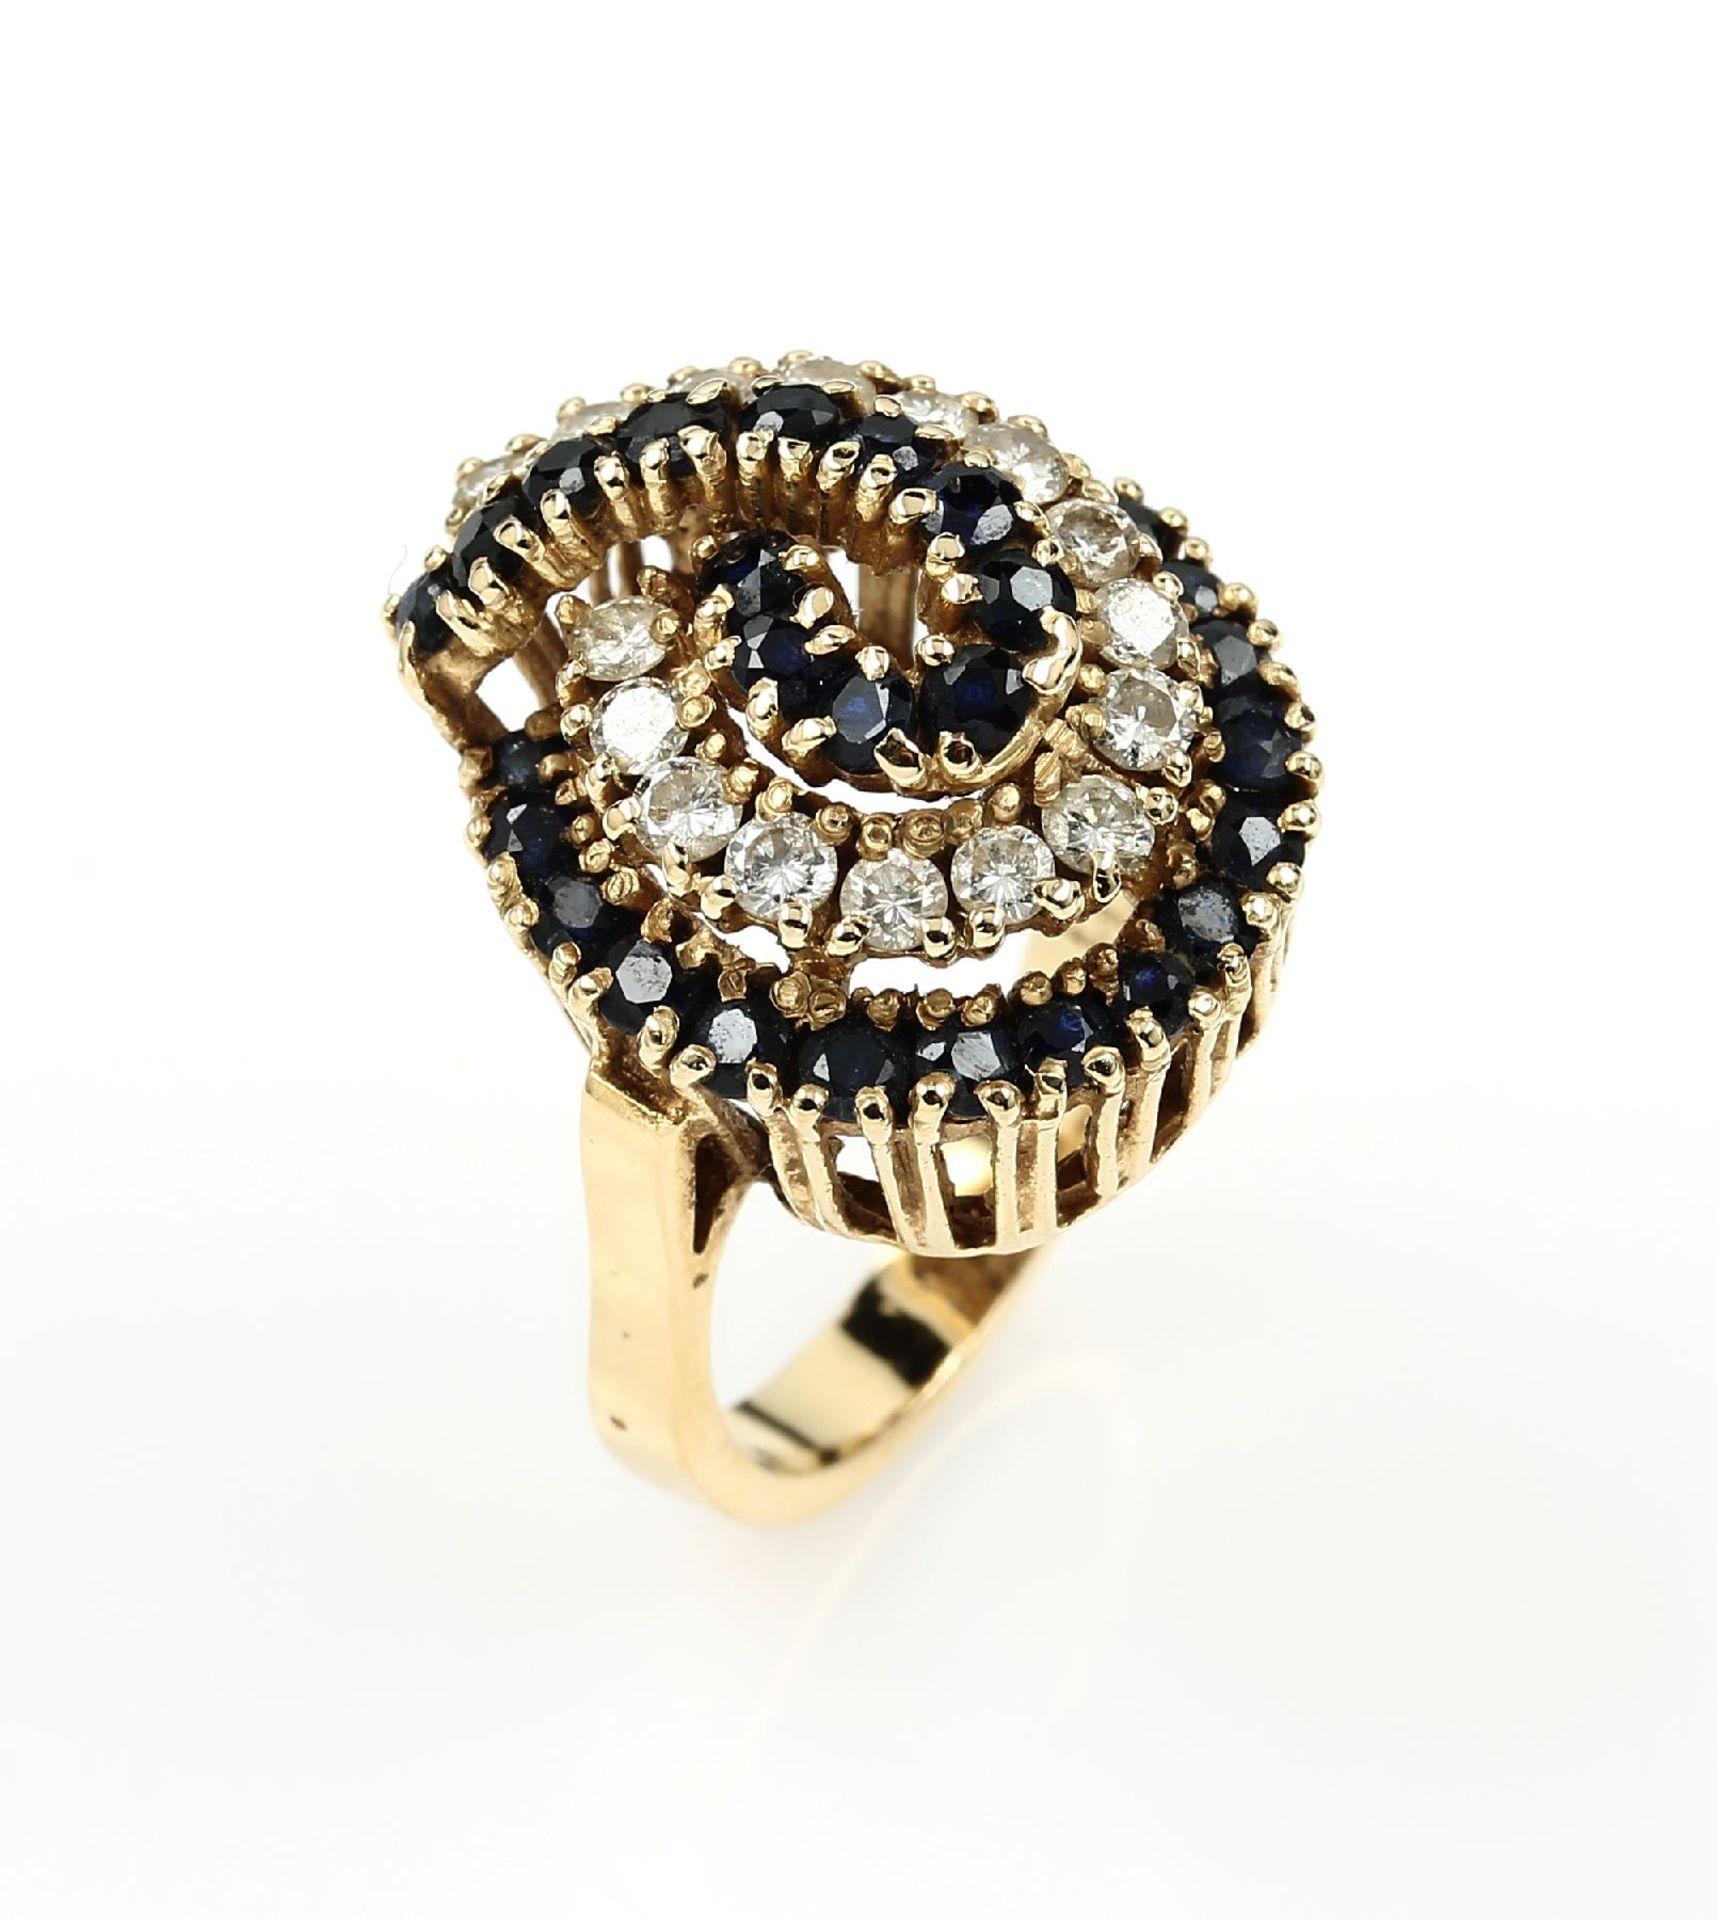 14 kt Gold Ring mit Brillanten und Saphiren, GG 585/000, rundfacett. Saphire zus. ca. 1 ct,